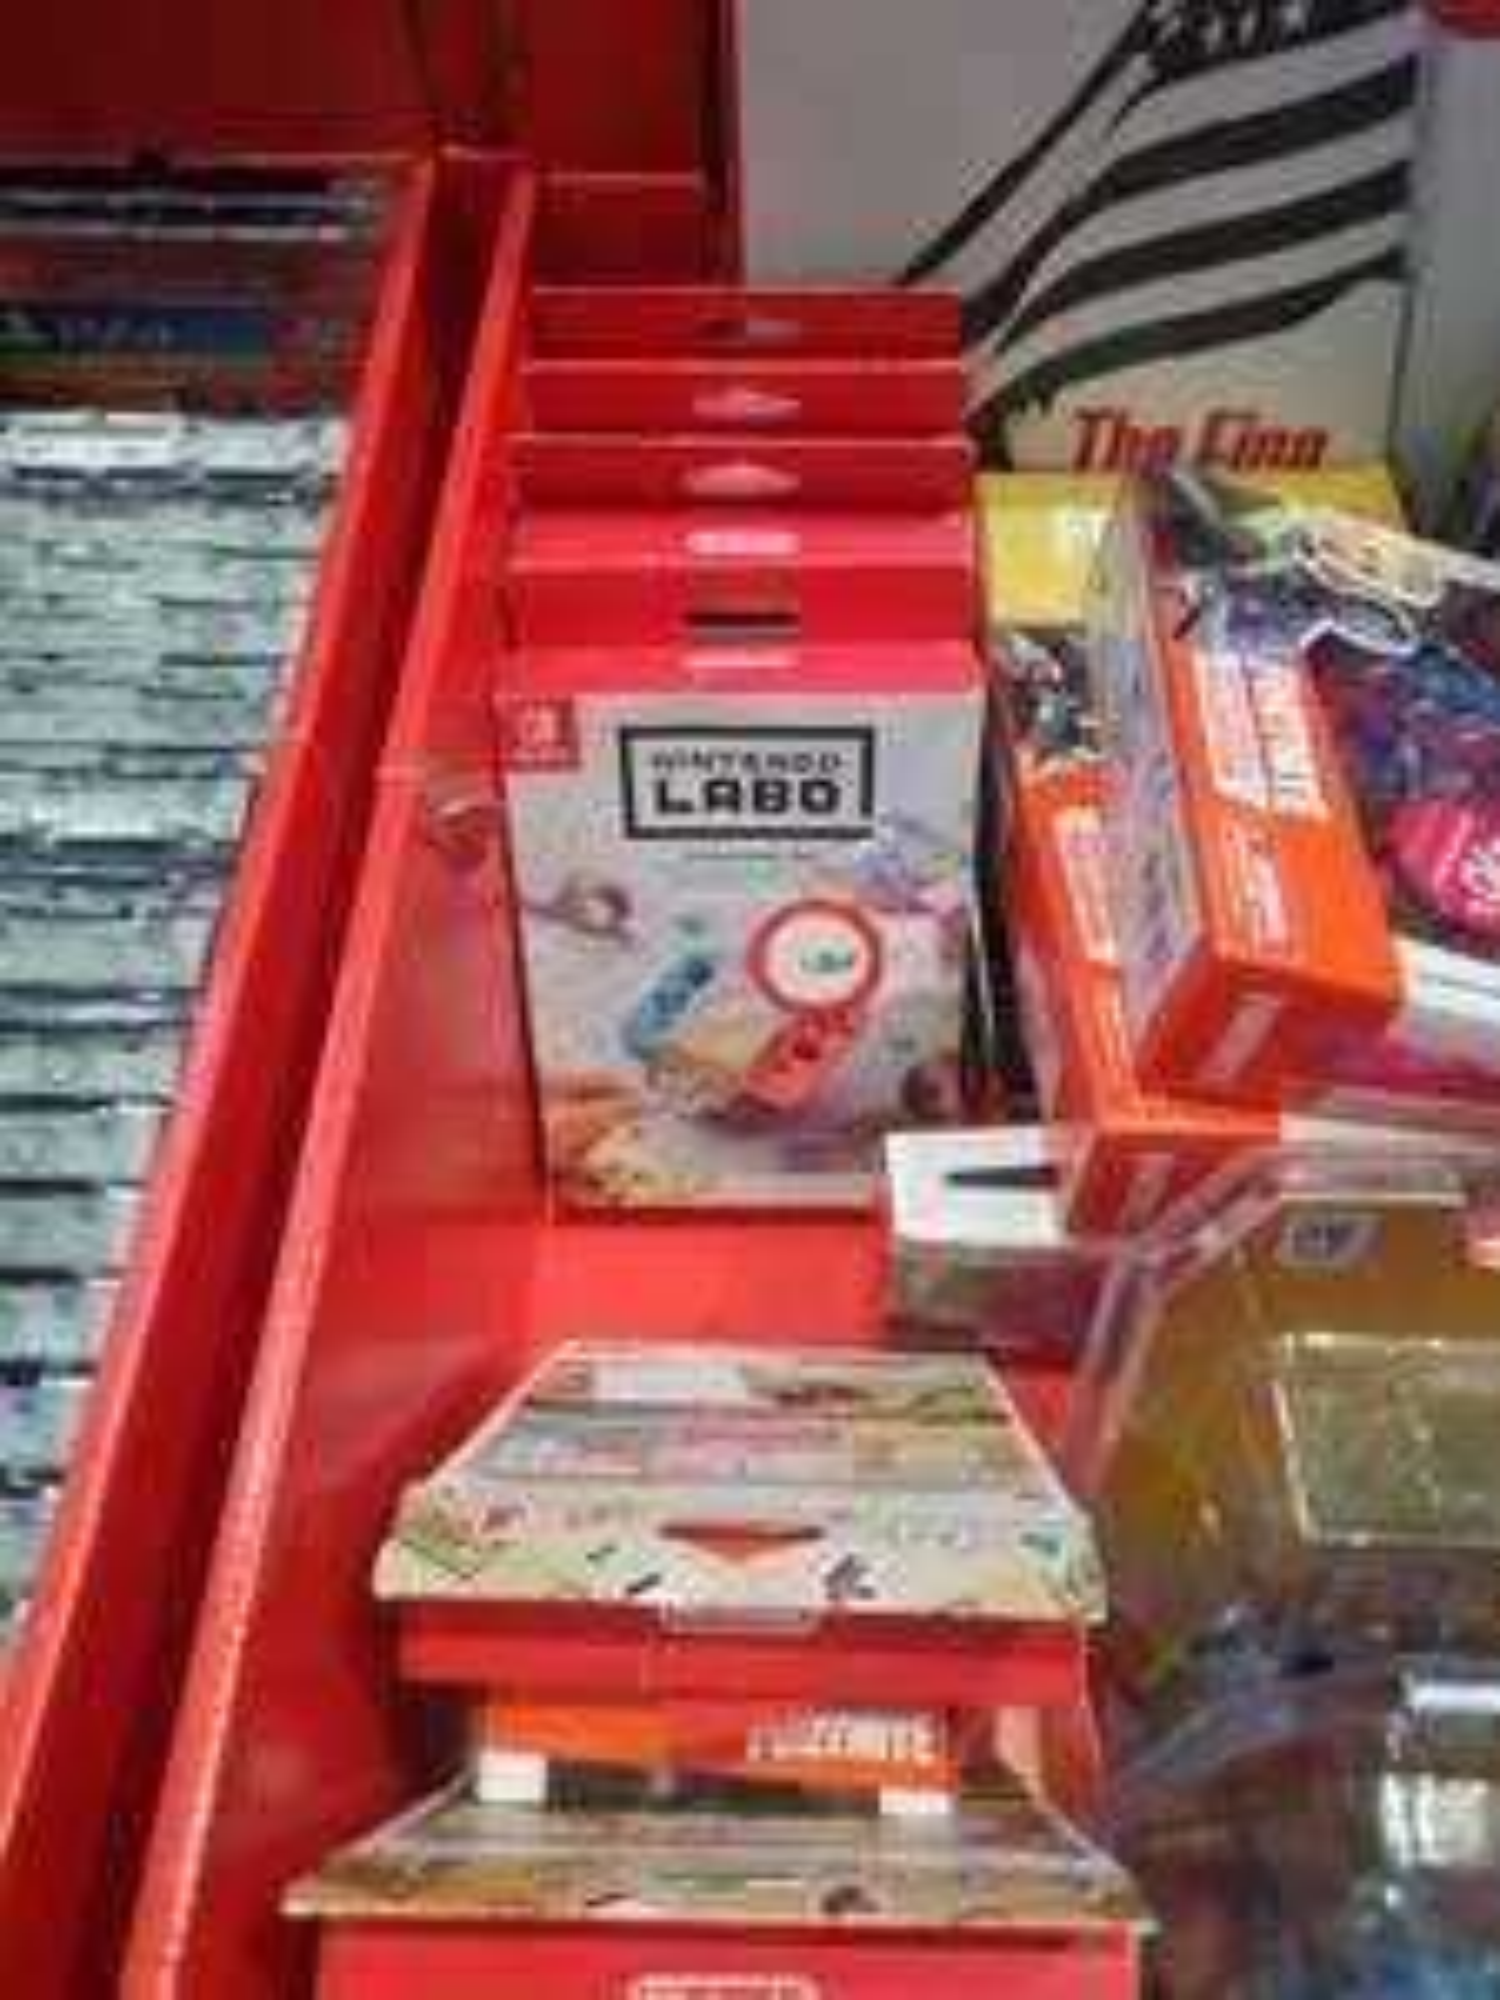 Kit de personnalisation Nintendo Labo - Avignon (84)